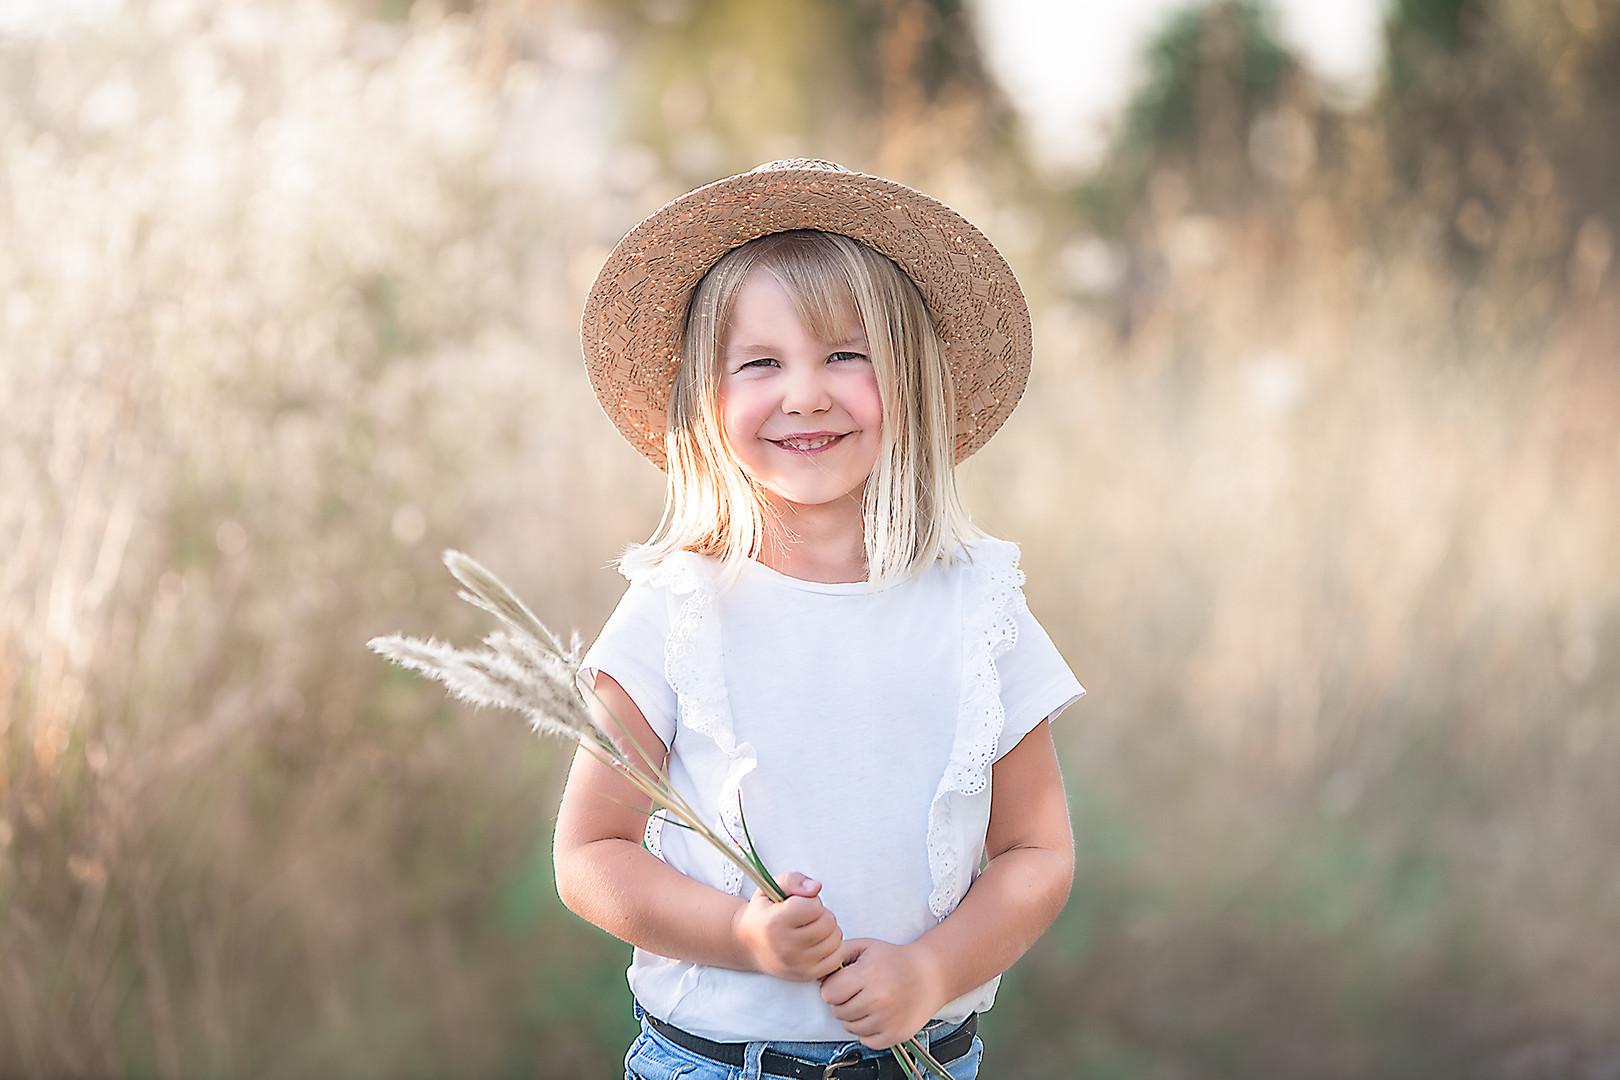 Enfants - Photographe famille Hérault - Virginie Peigne